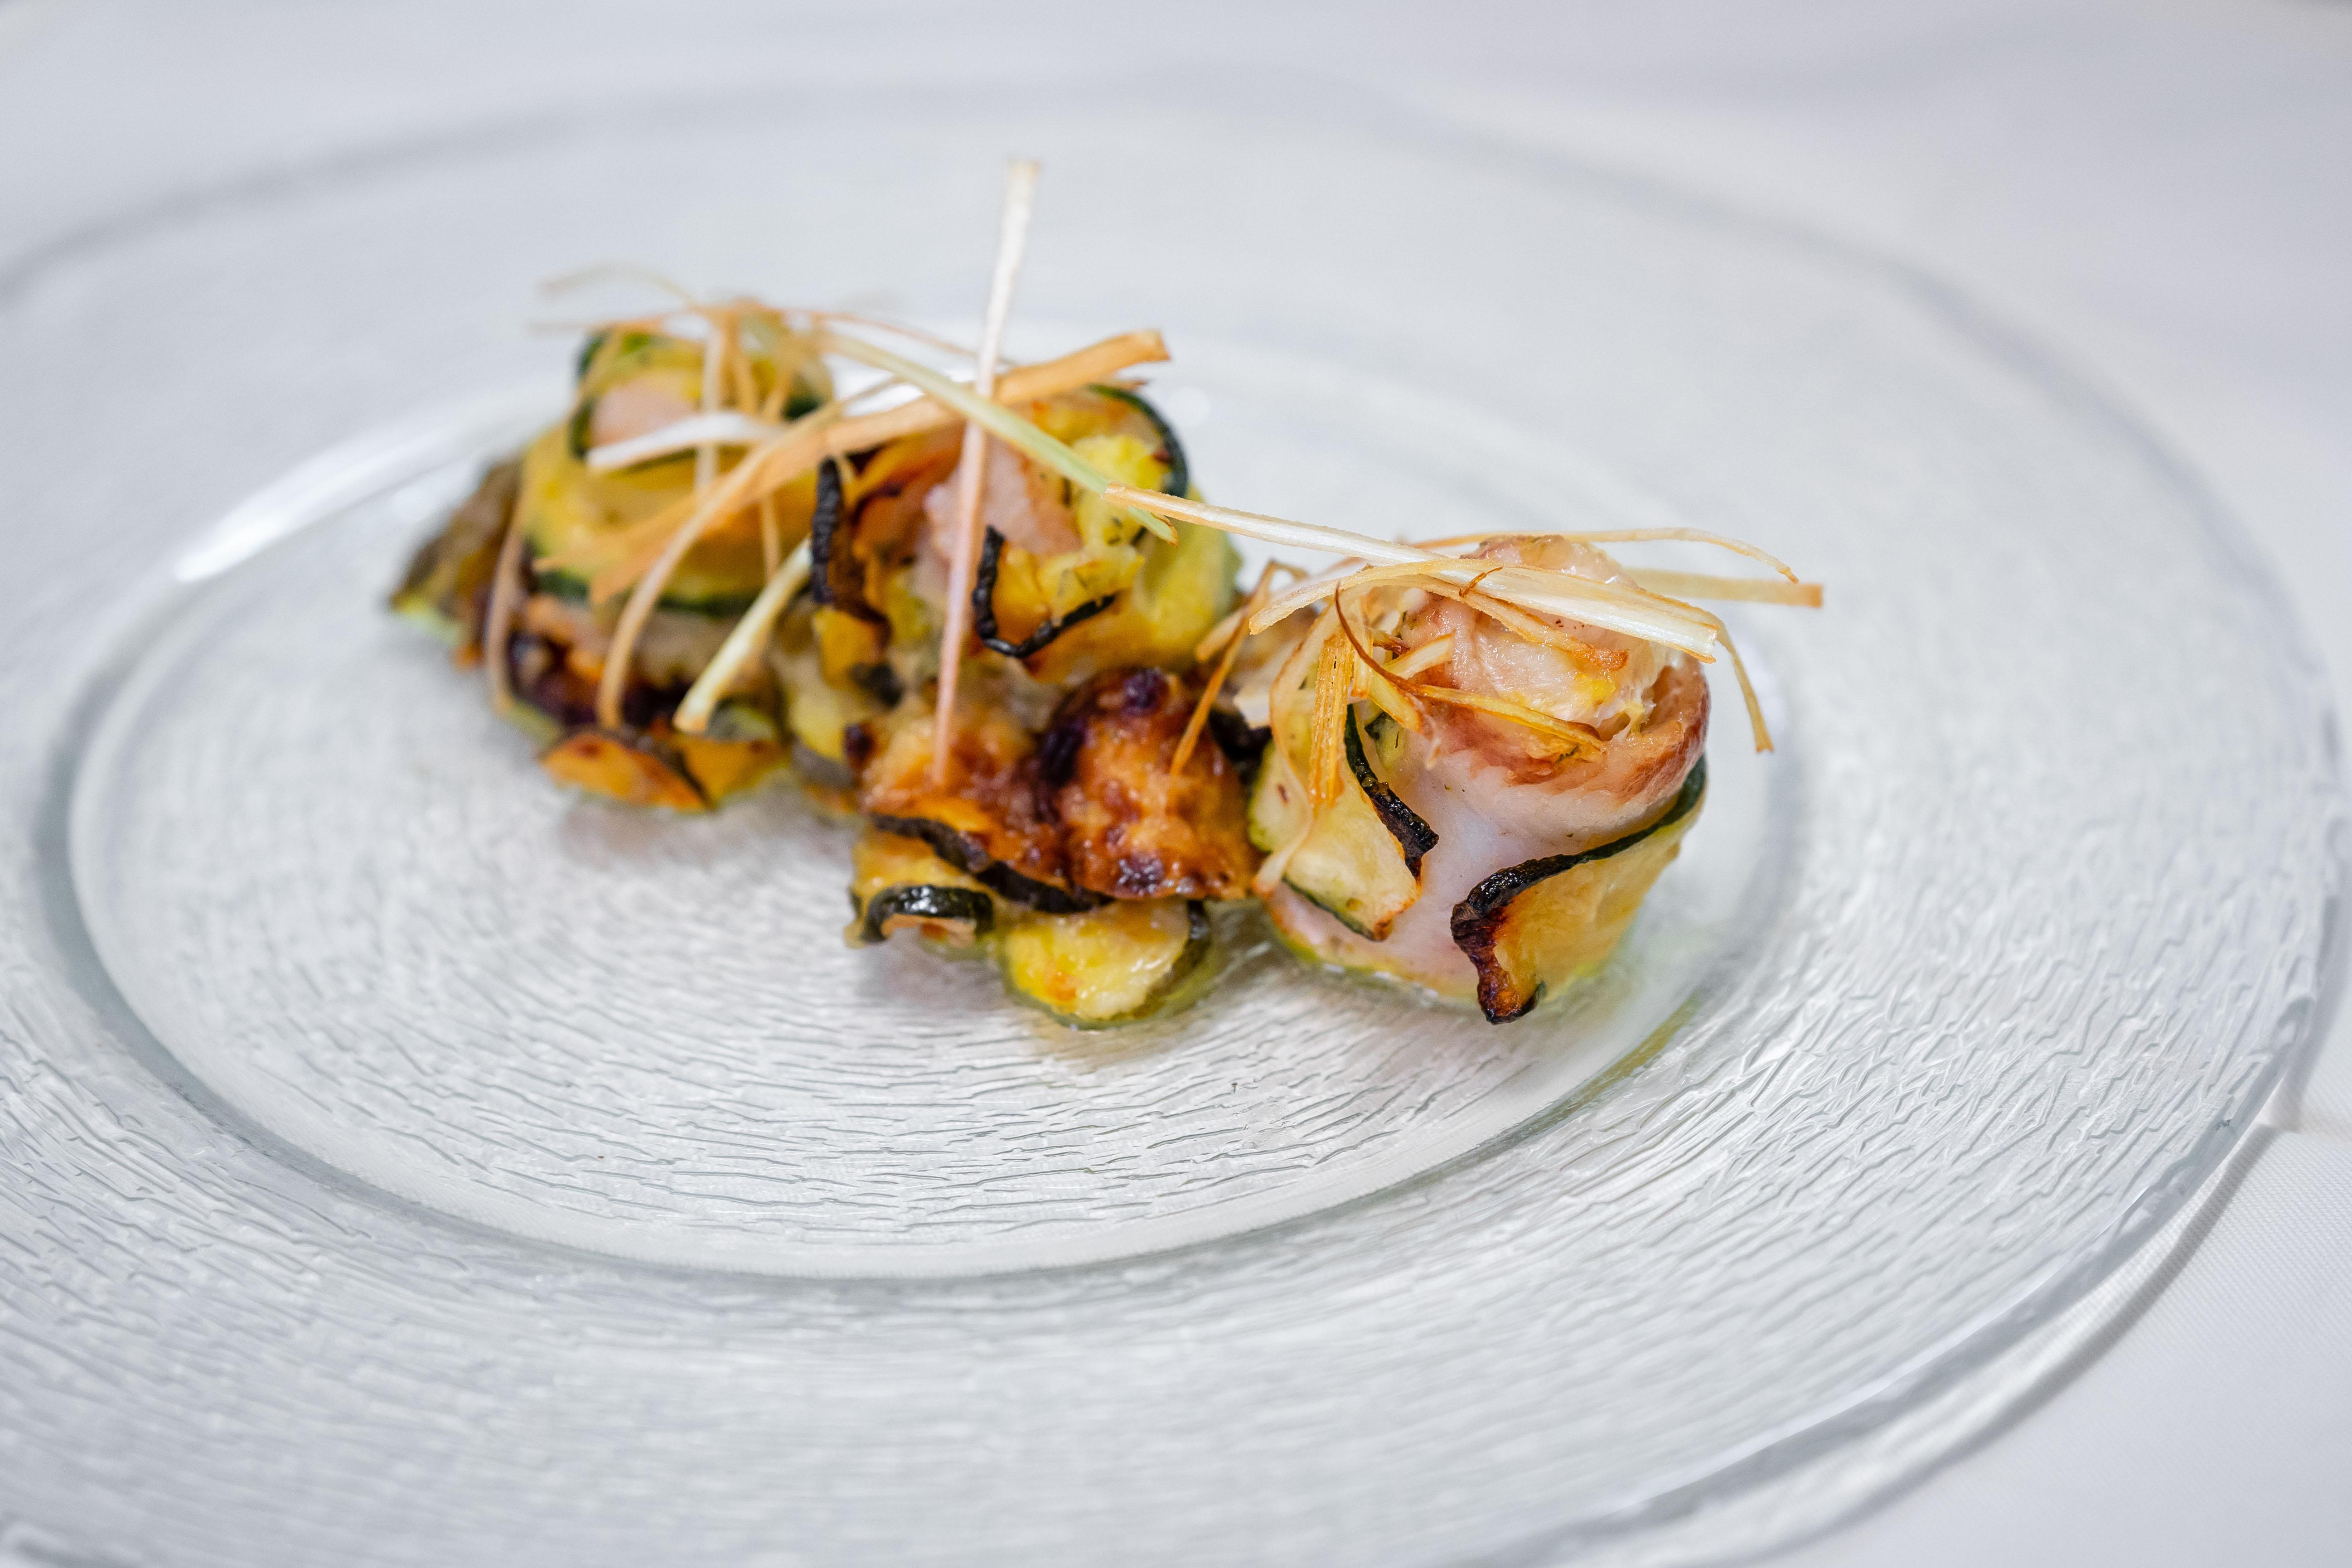 Involtini di sogliola con scapece di zucchine e porri croccanti all'Osteria Torre di Populonia, ristorante di pesce a km zero in Toscana.